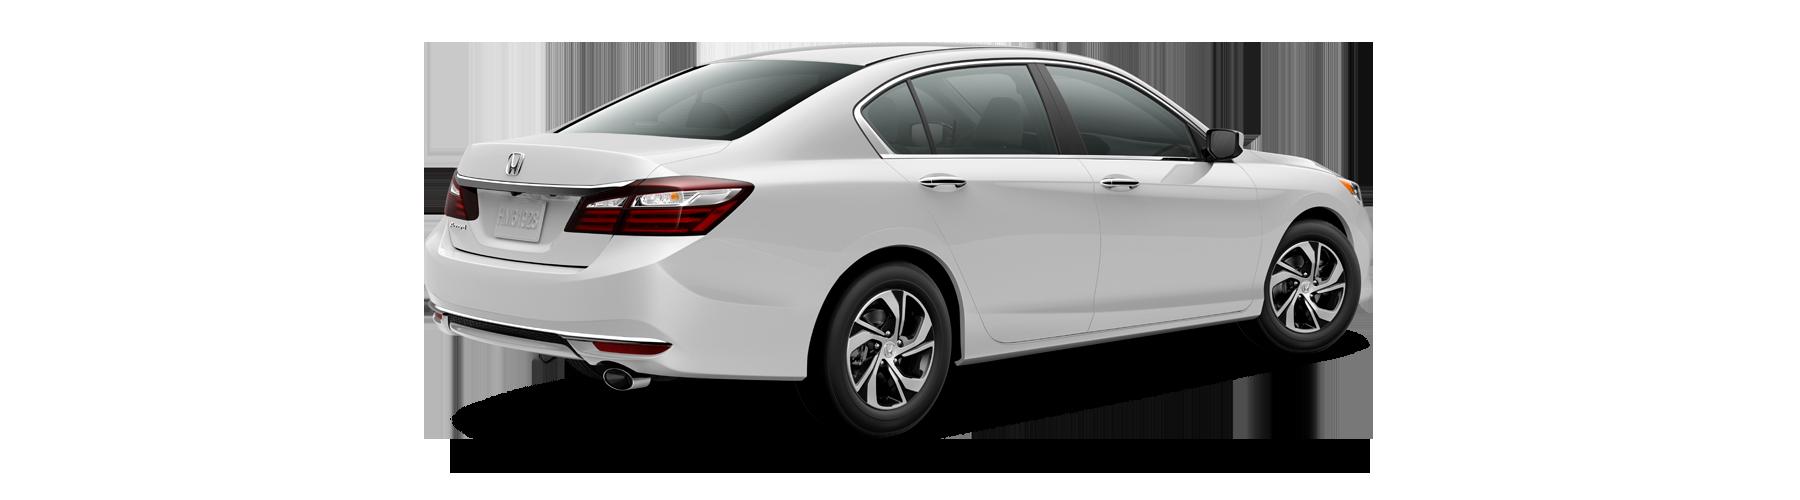 2017 Honda Accord Sedan Rear Angle